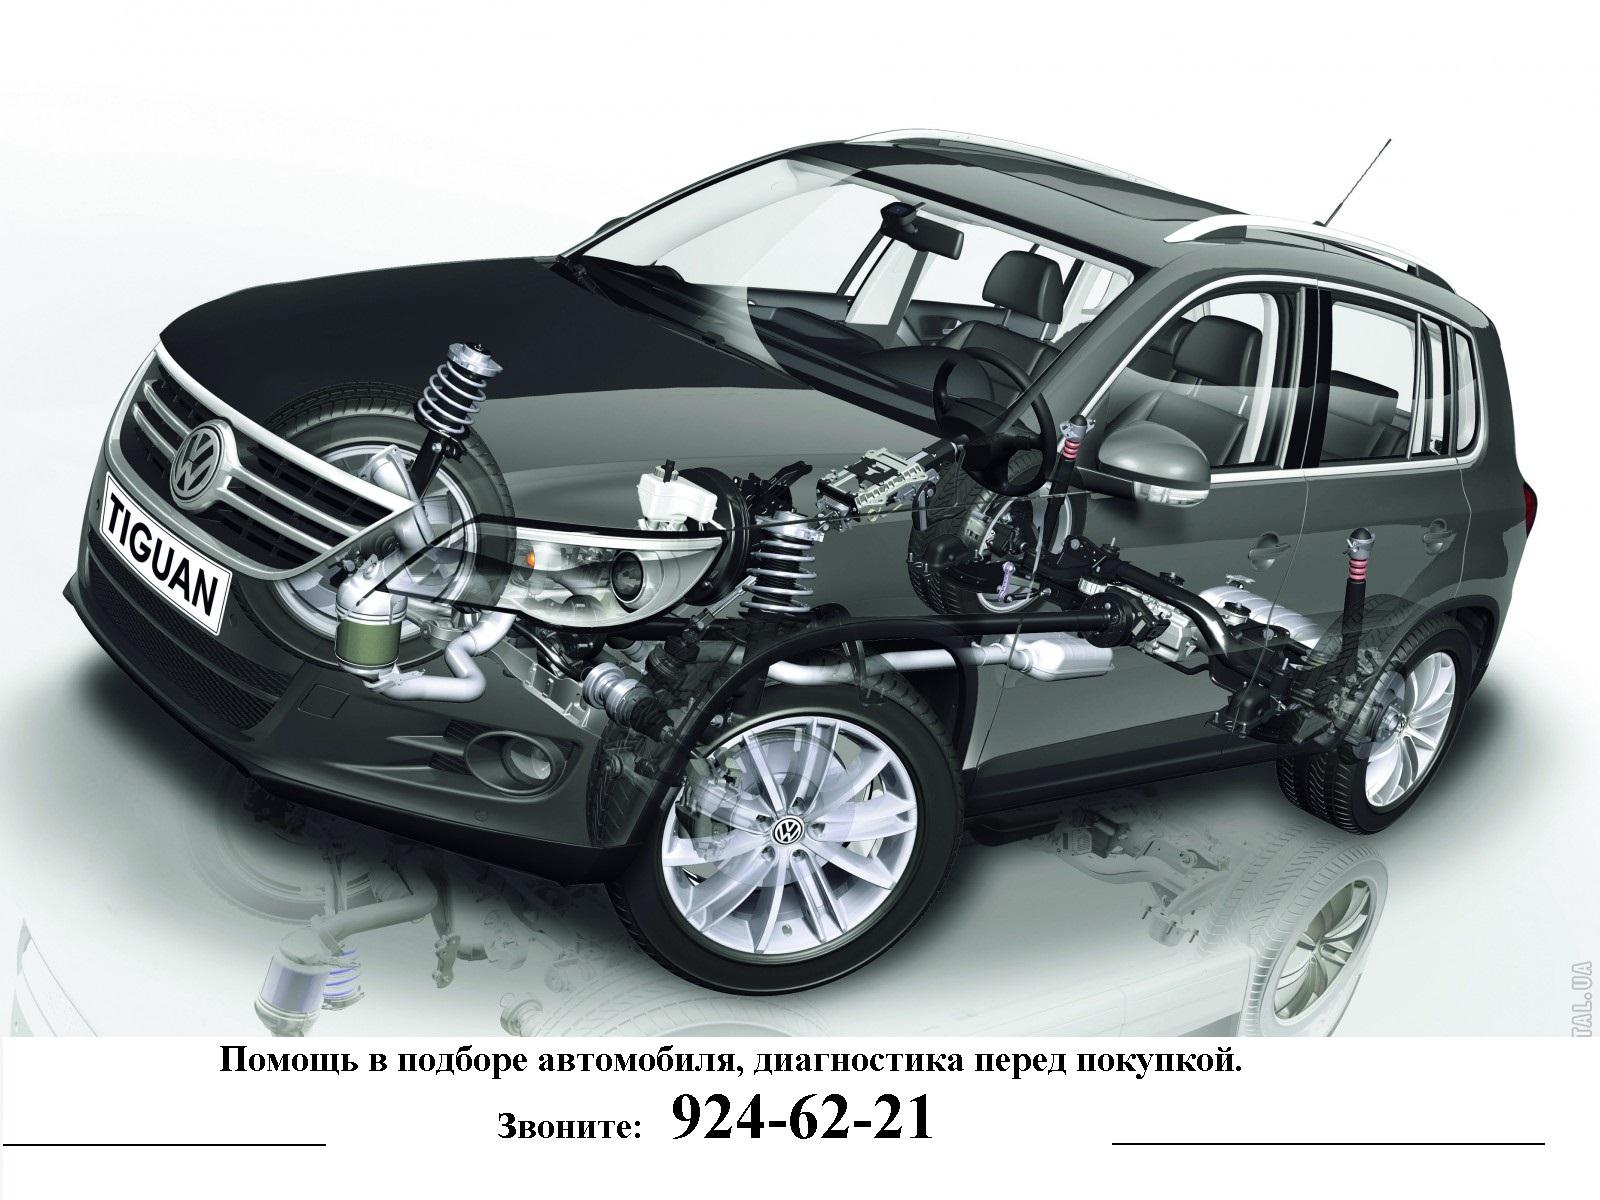 Полезная информация для автомобилиста